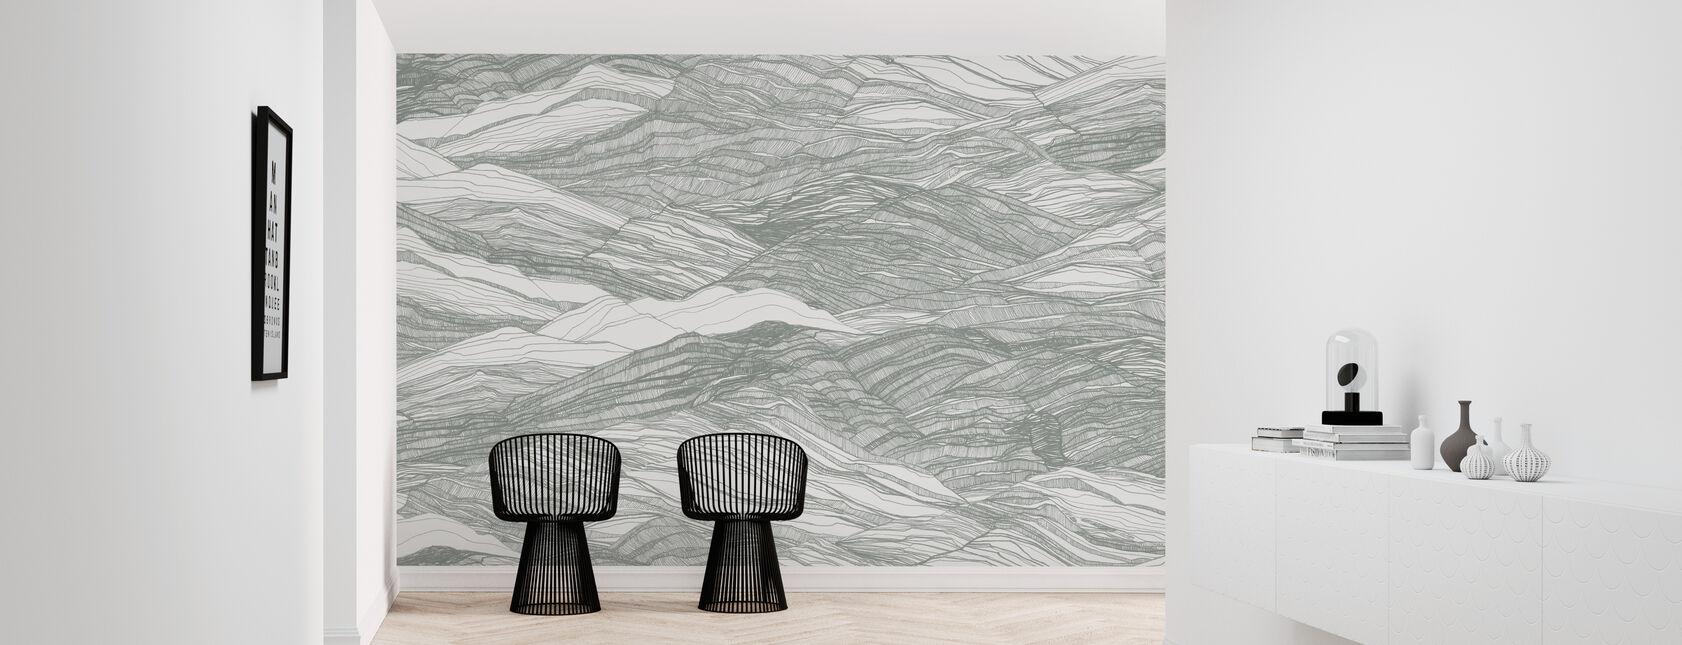 Duna Large - Cactus - Wallpaper - Hallway